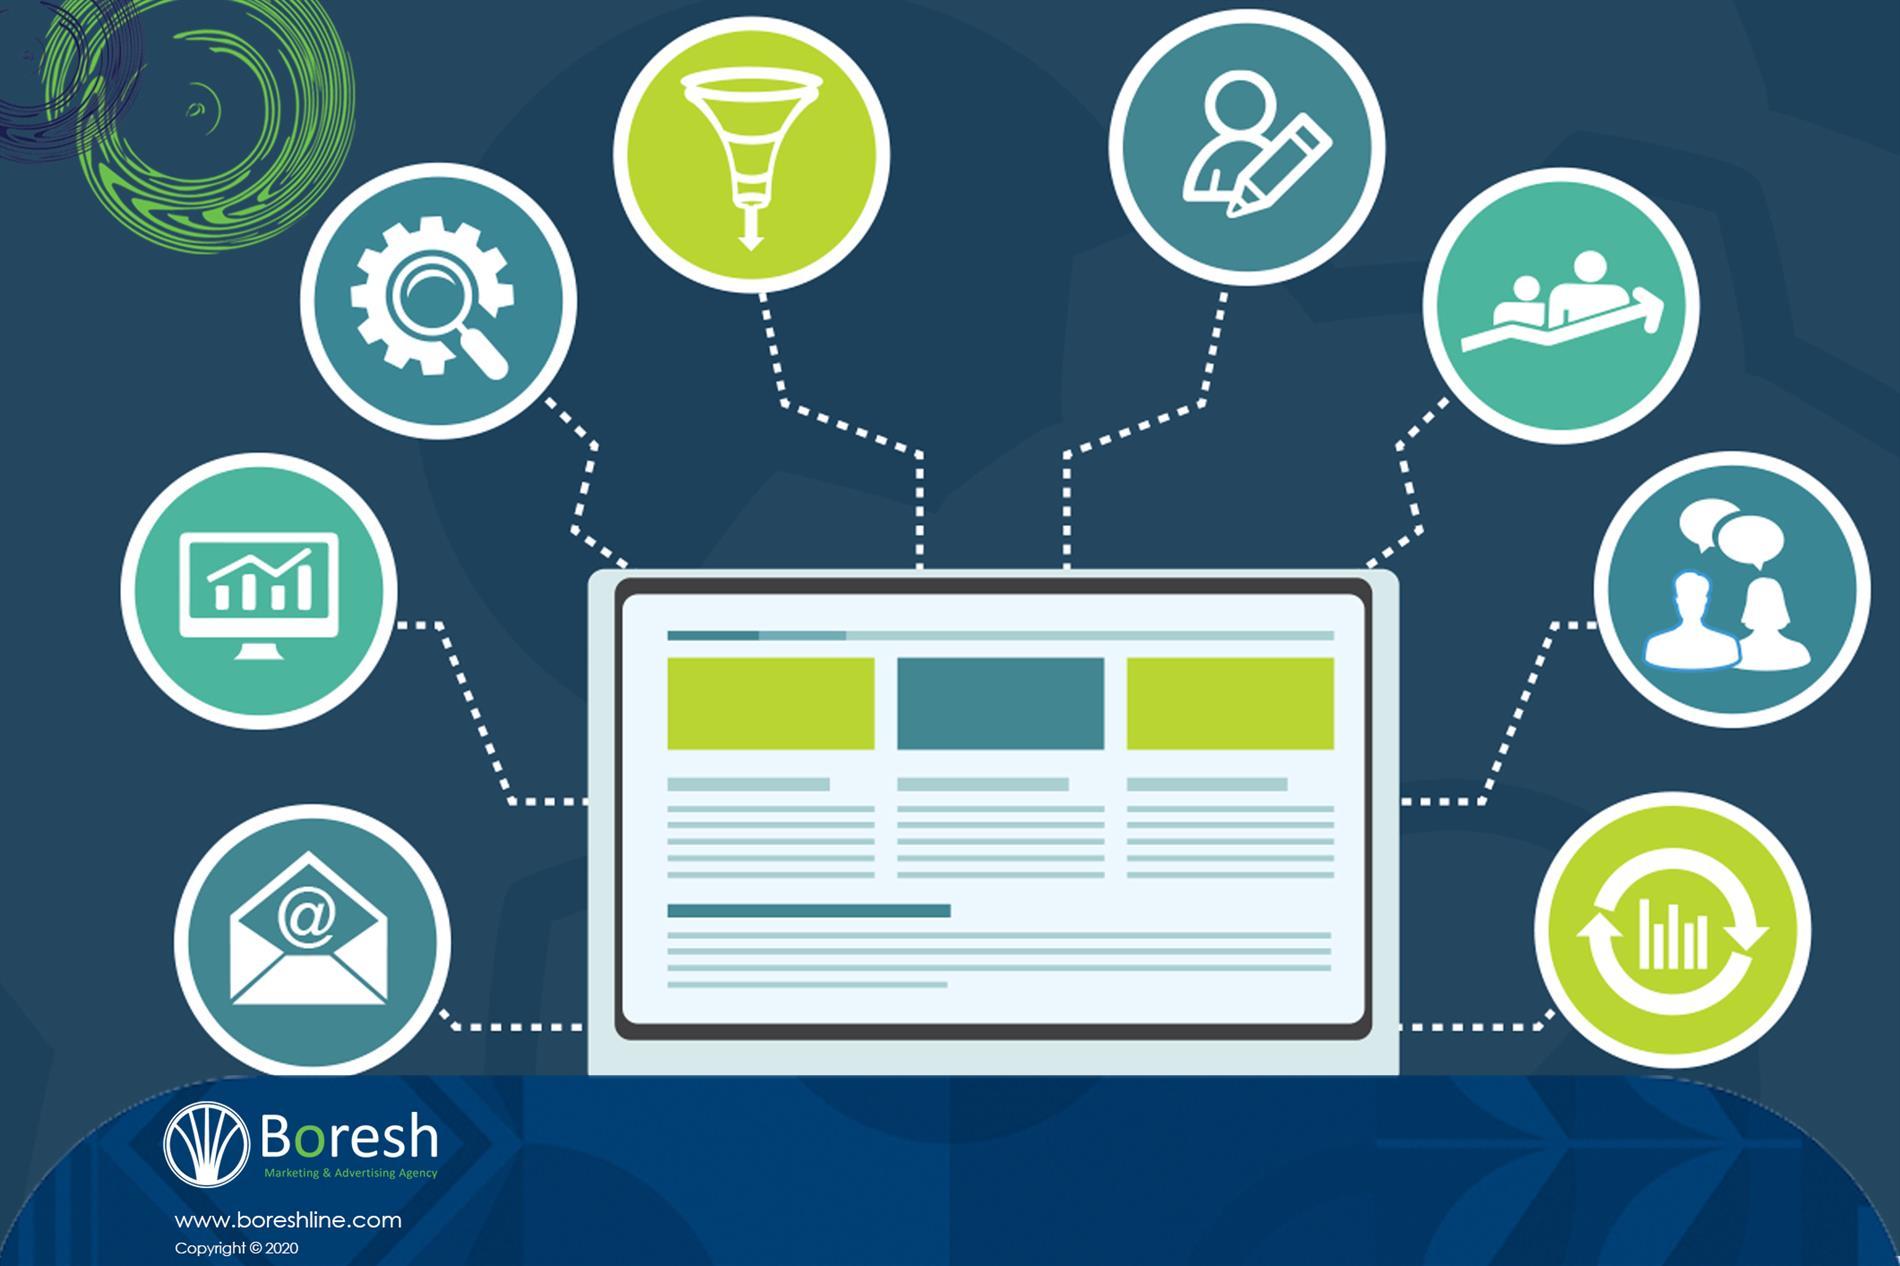 بازاریابی دیجیتال چیست؟ و انواع بازاریابی دیجیتال چه می باشد؟ - گروه برندسازی، تبلیغات،بازاریابی و توسعه کسب و کار برش